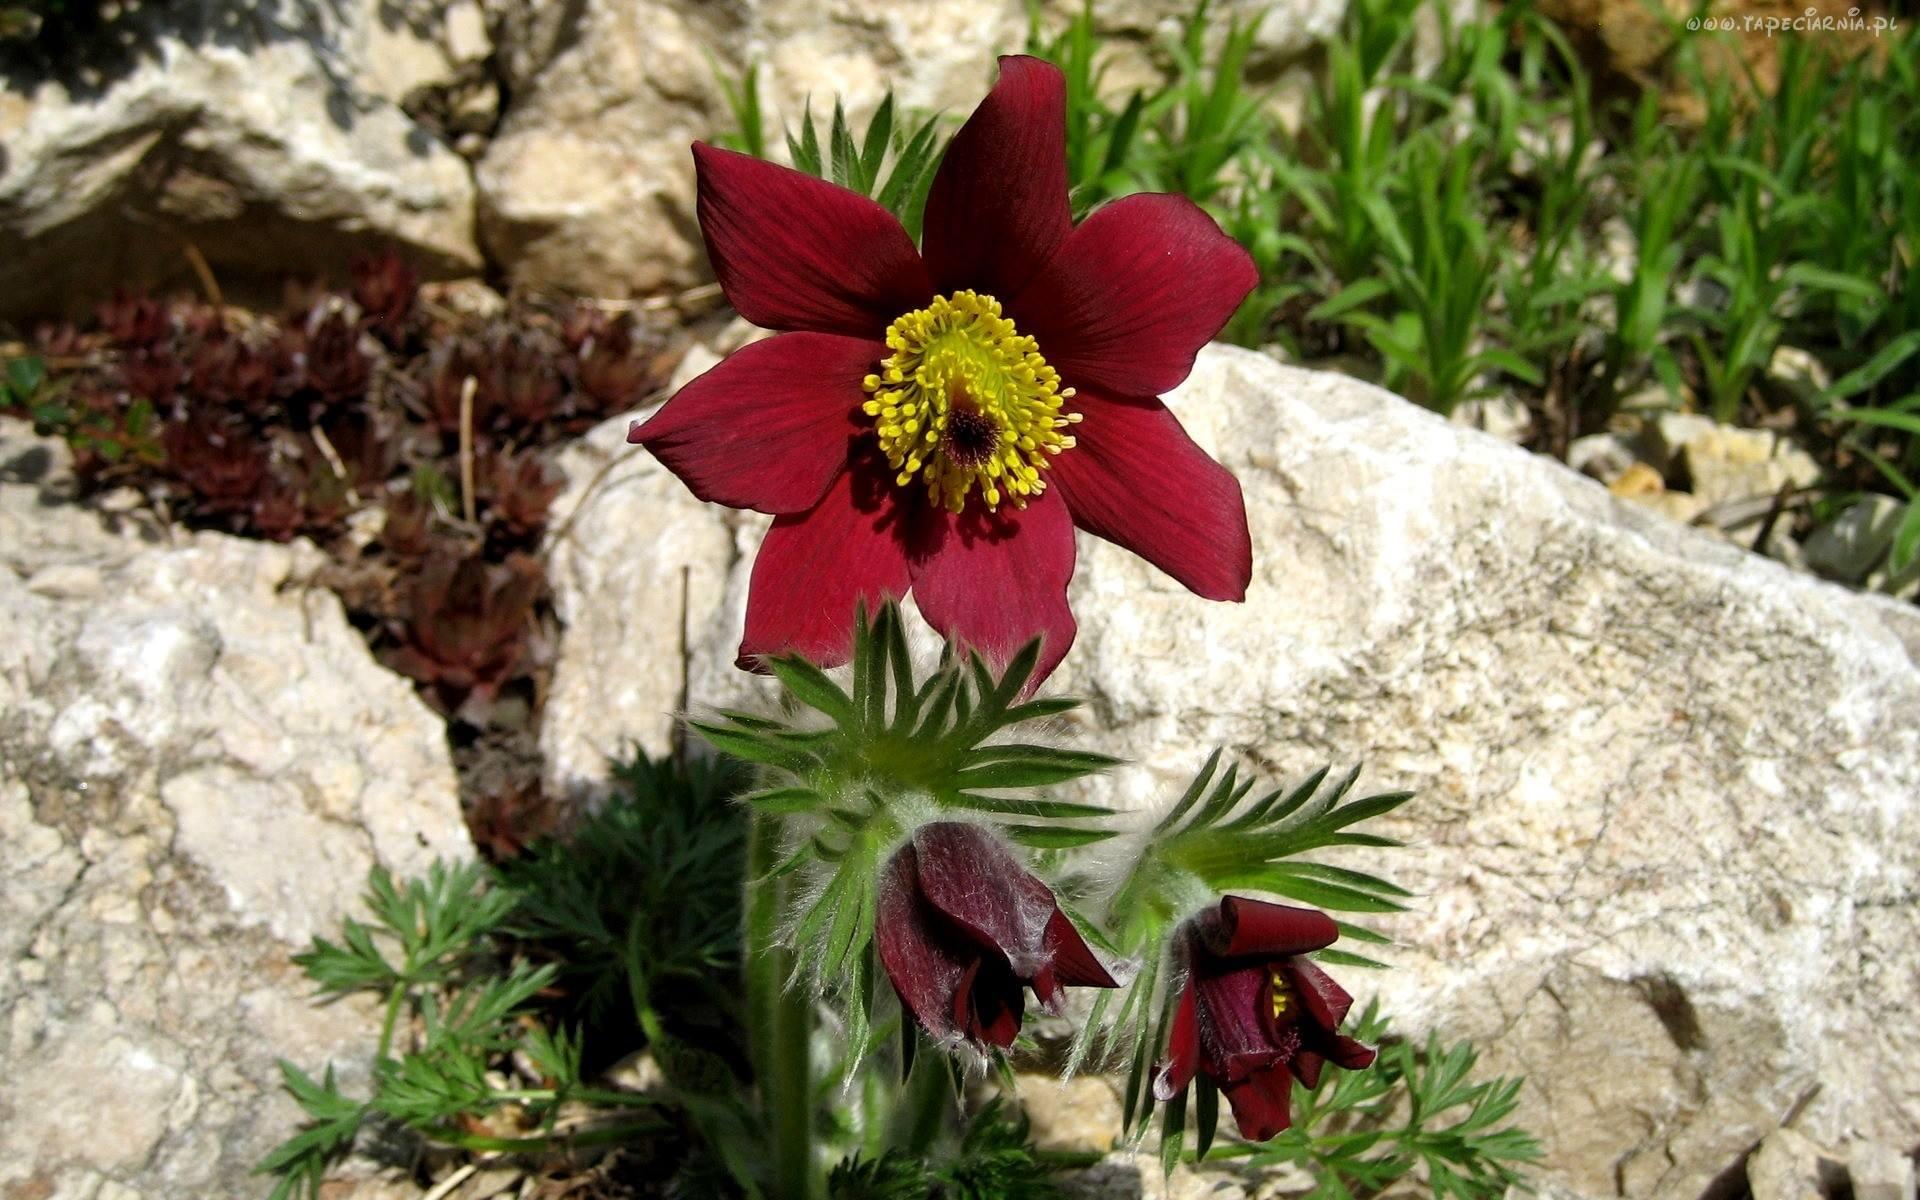 بالصور صور زهور الربيع , تعالو نشوف احلي الالبومات 11147 7